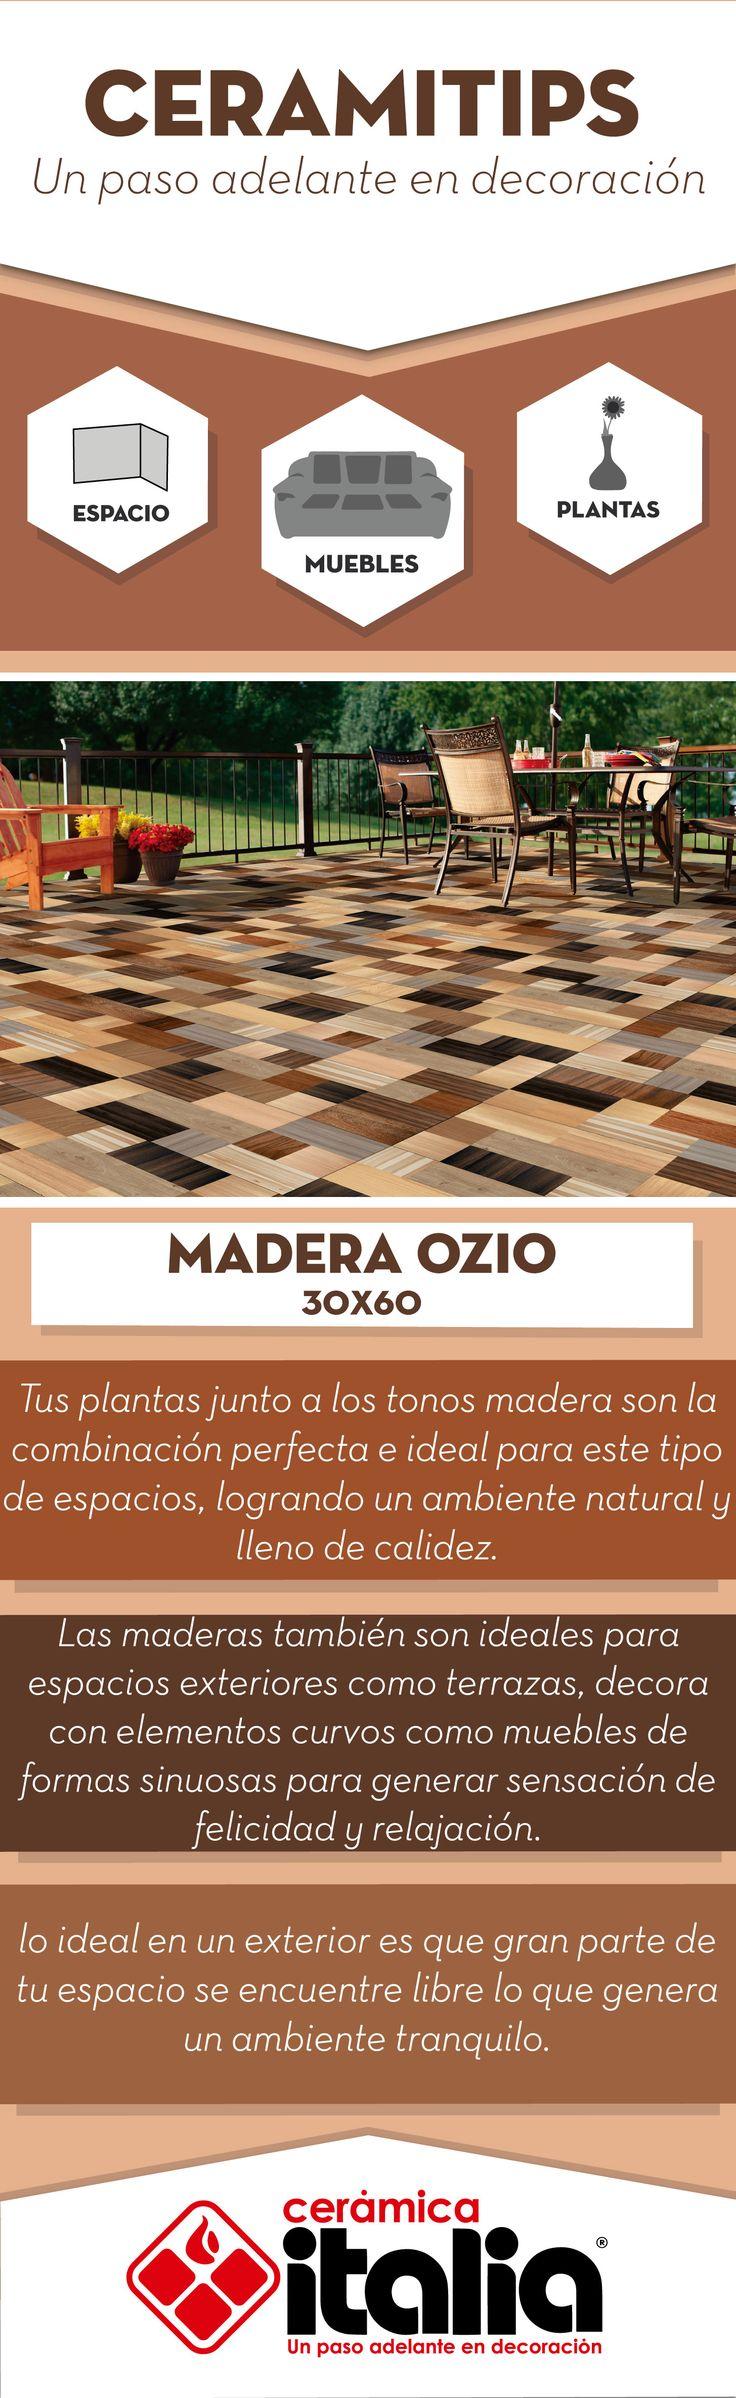 En tus maderas también son ideales para espacios exteriores como terrazas, decora con elementos curvos como muebles de formas sinuosas para generar sensación de felicidad y relajación. #Maderas #Woods #Exteriores #Outdoor #Planta # Plant  #Marrón #Brown